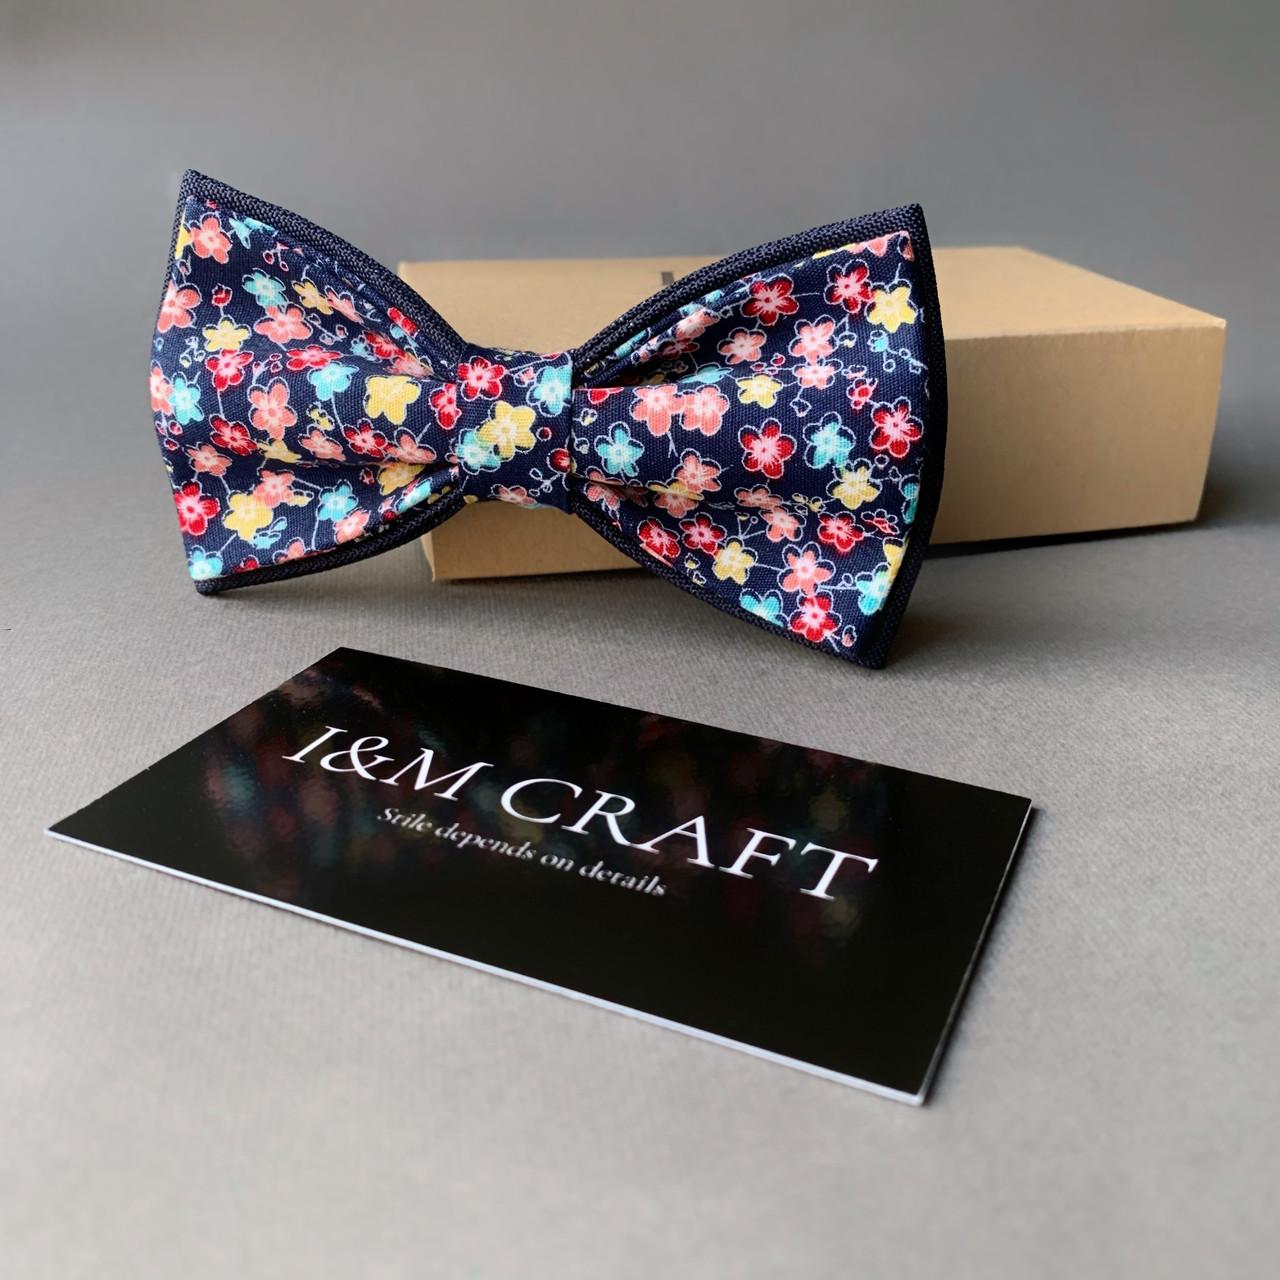 Галстук-бабочка I&M Craft черный с цветным принтом (010273)